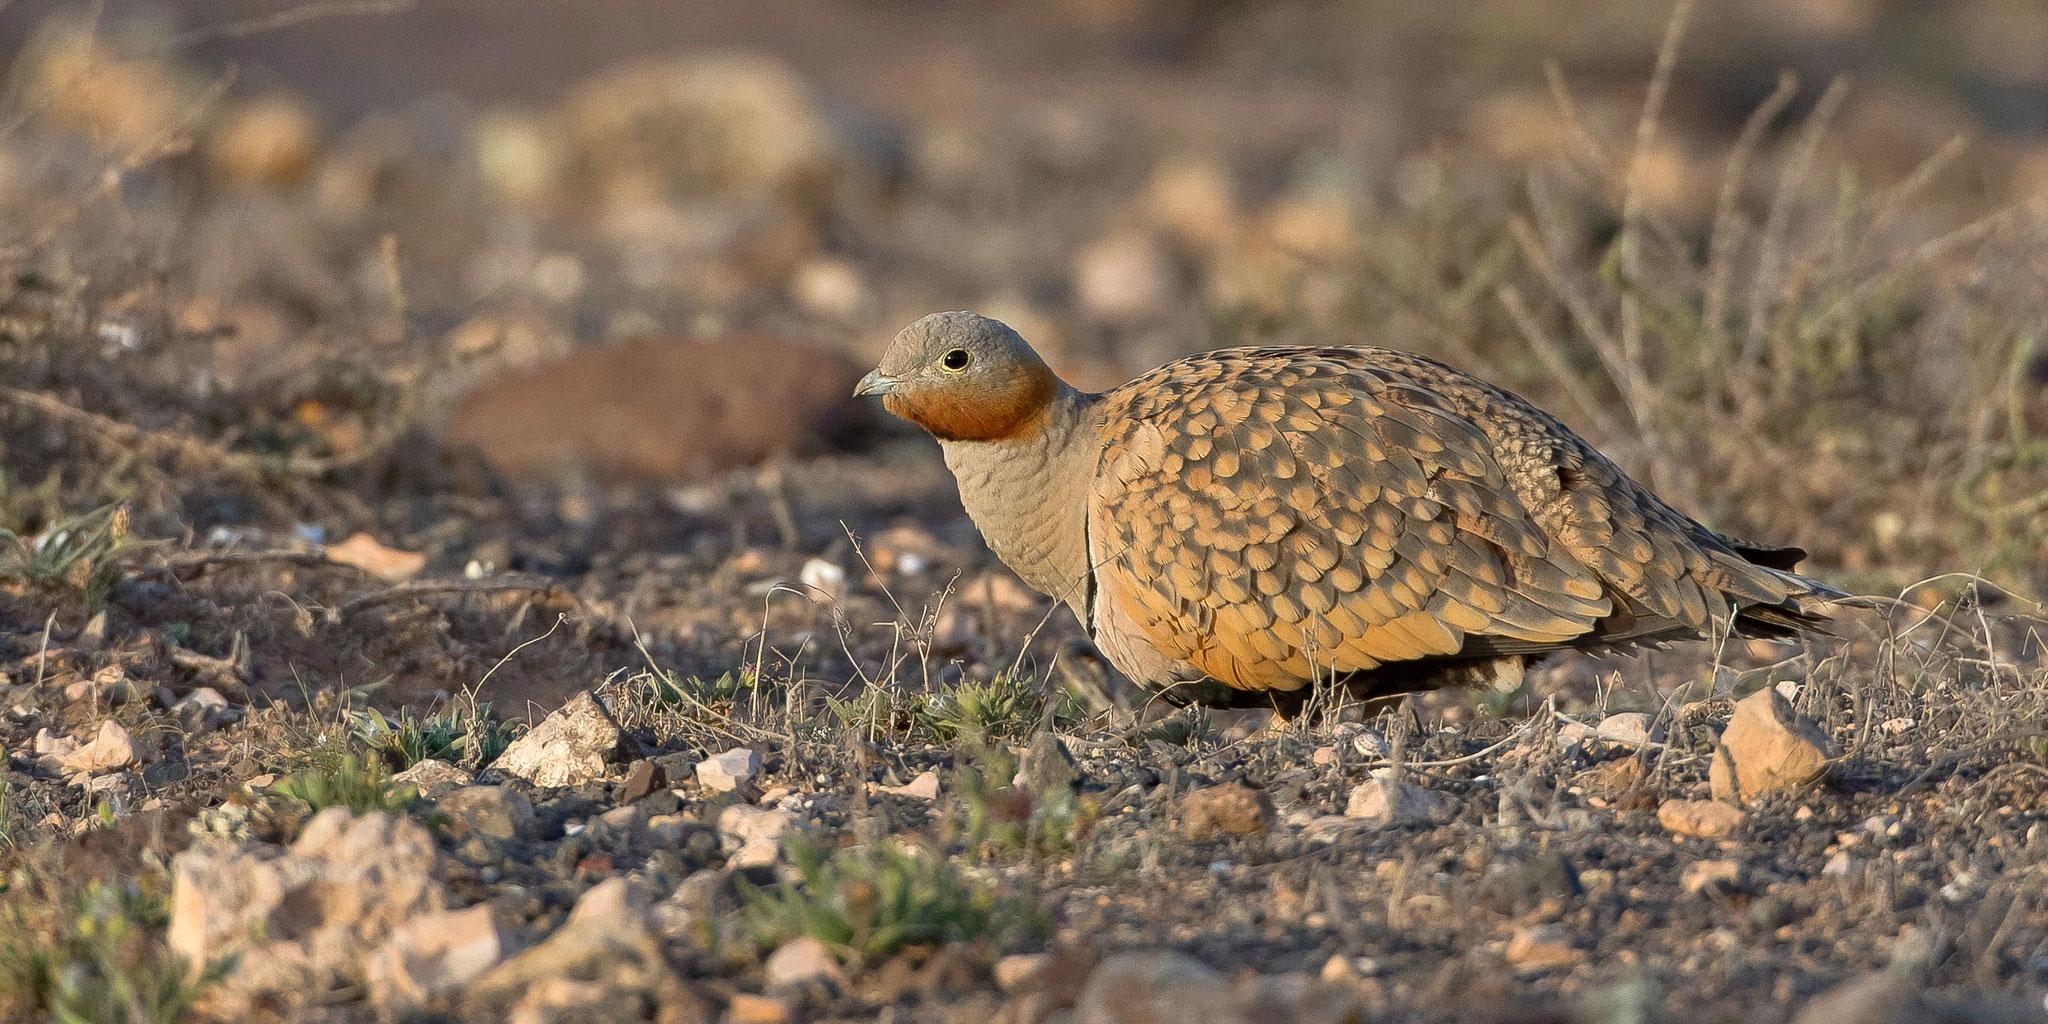 In der Jandia-Wüste konnten wir 2015 die Sandflughühner nur fliegend beobachten ...